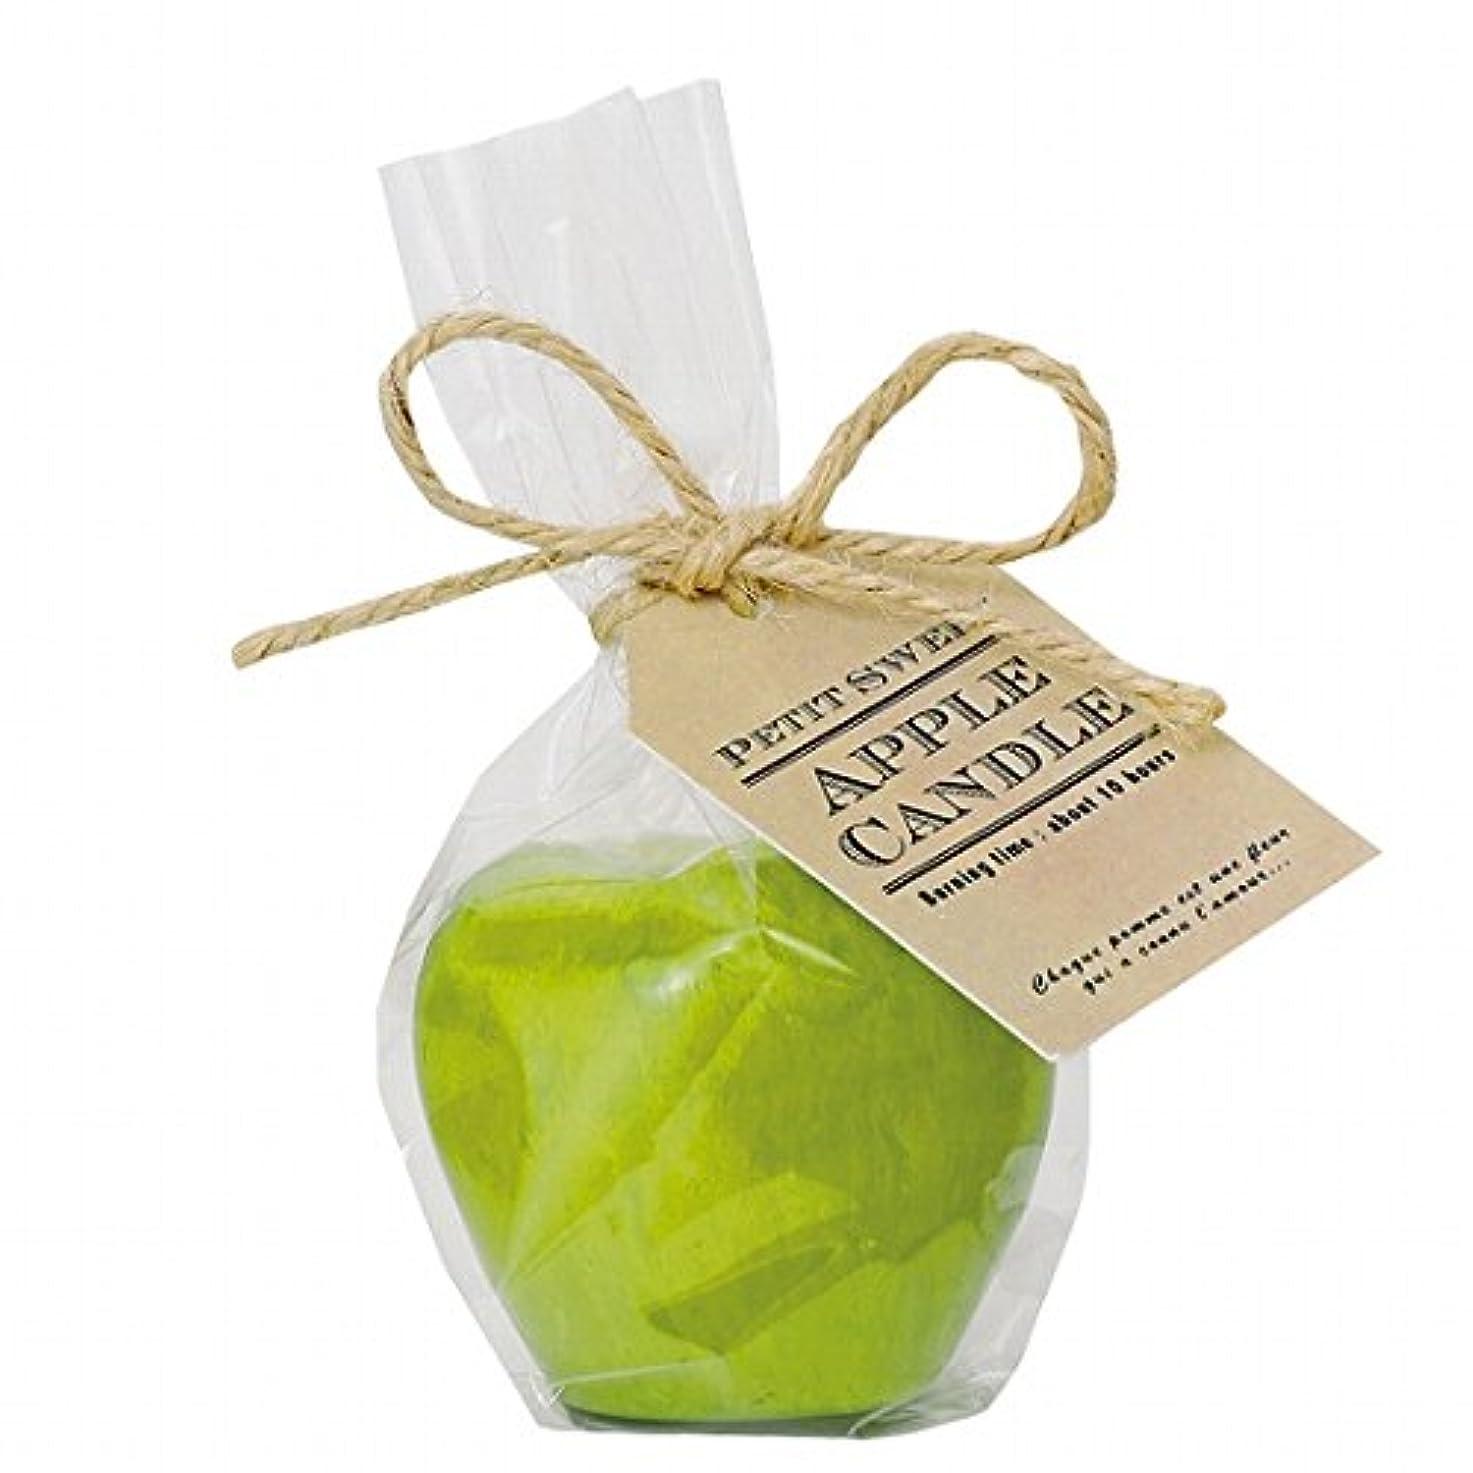 スチュワーデスお風呂を持っている剥ぎ取るkameyama candle(カメヤマキャンドル) プチスイートアップルキャンドル 「 グリーン 」(A4630510G)